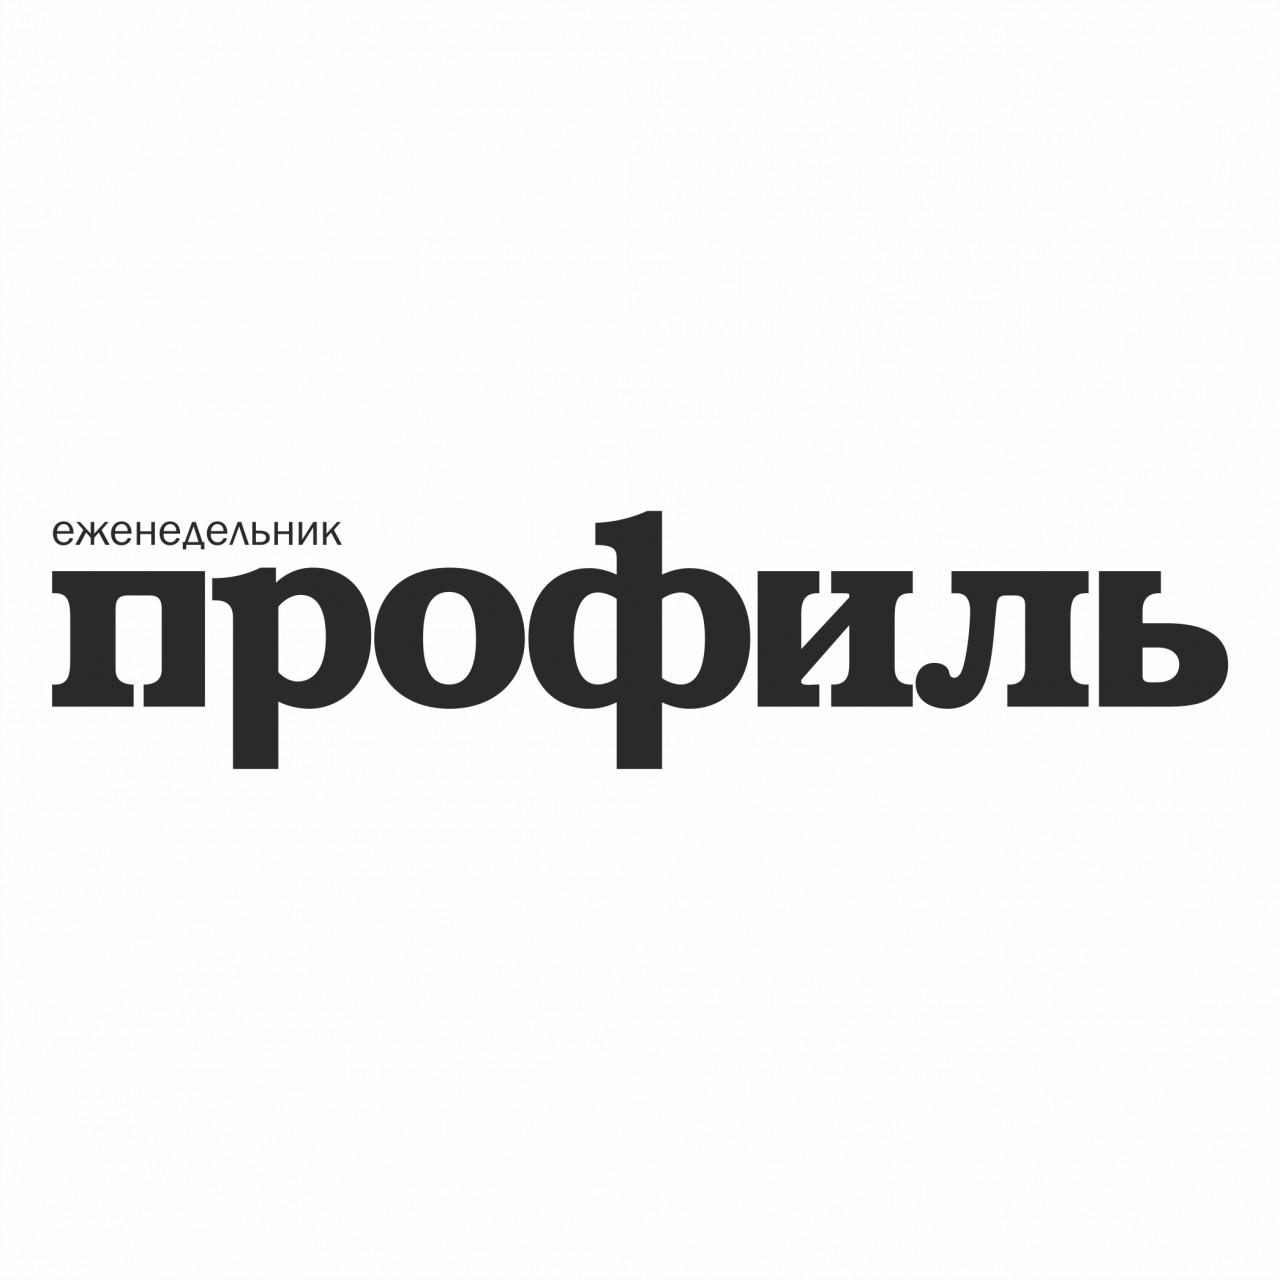 Слуцкий больше не будет комментировать матчи ЧМ на «Первом канале»